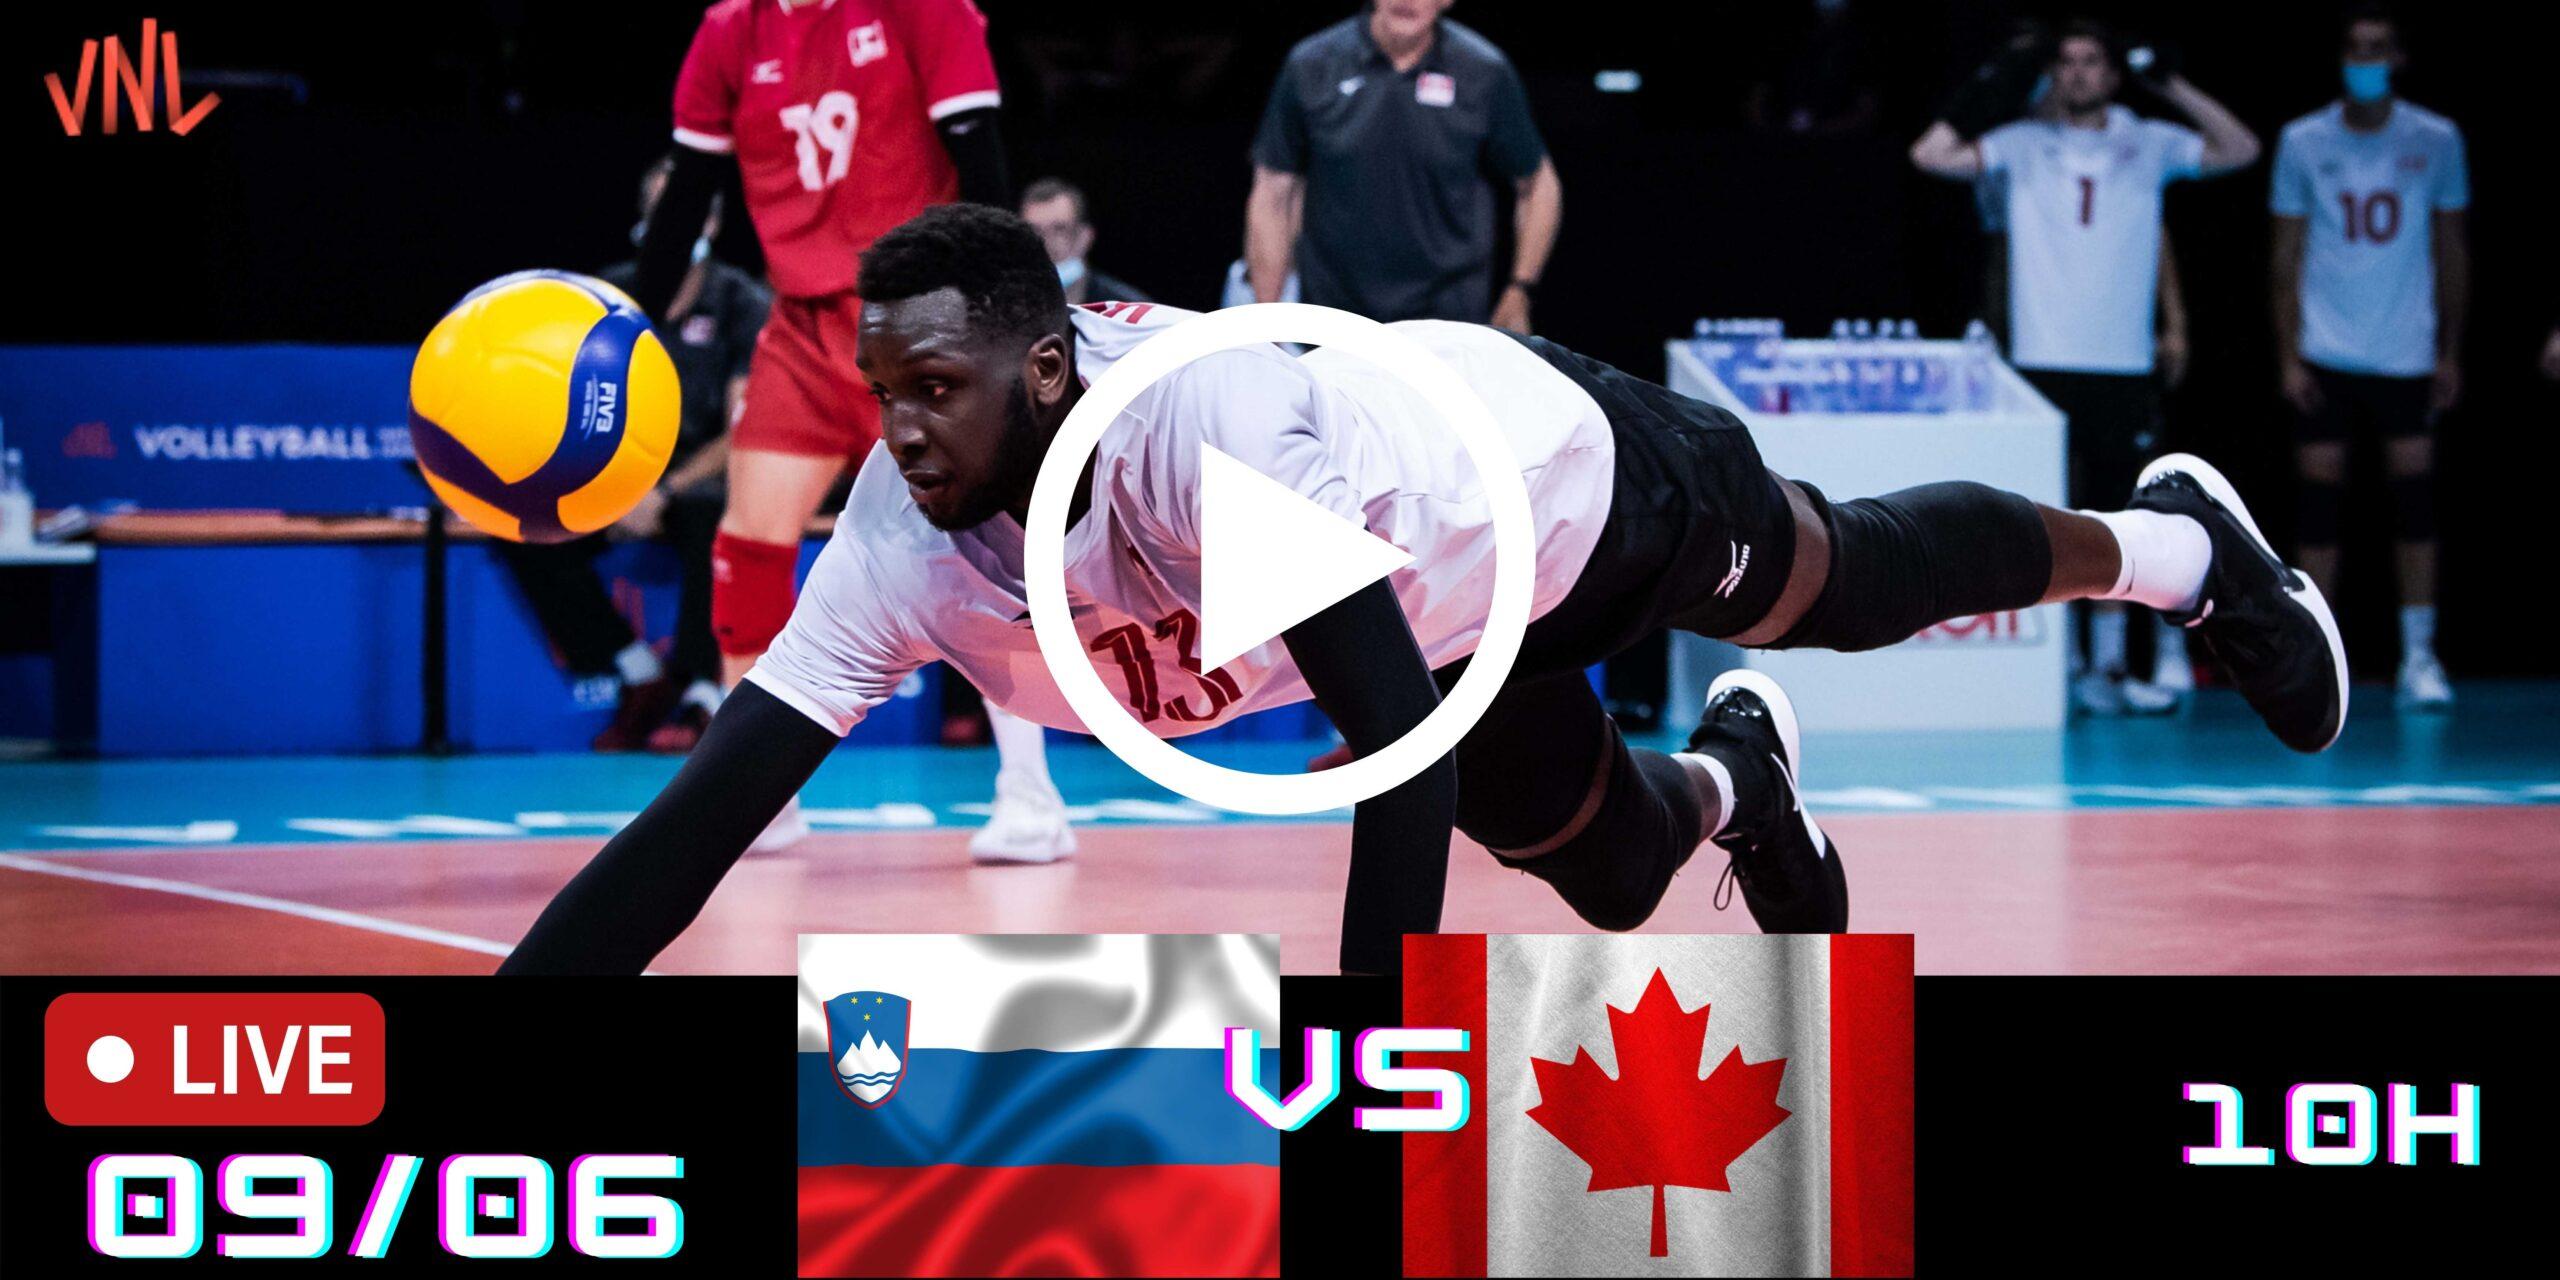 Resultado: Eslovênia 3 vs 0 Canadá – Liga das Nações – 09/06/2021